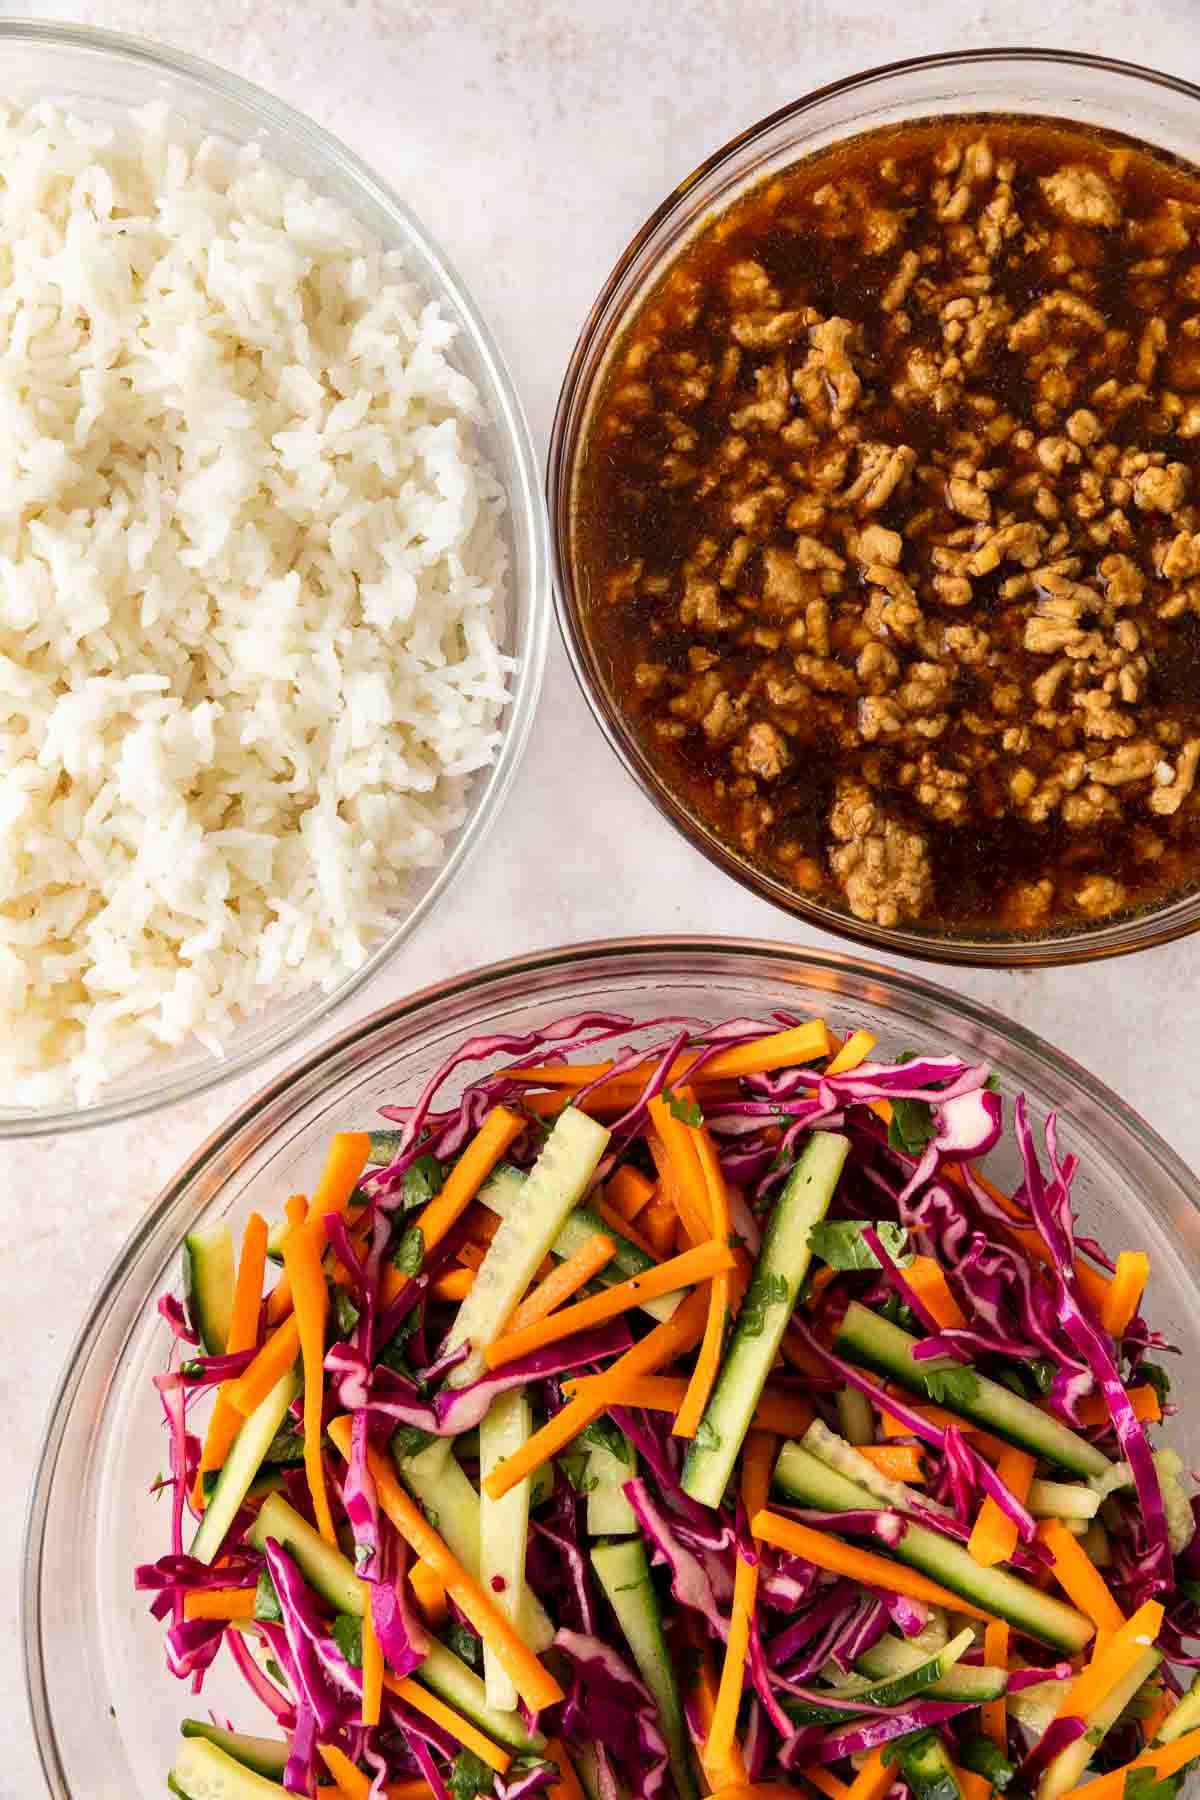 Banh Mi Rice ingredients before mixing